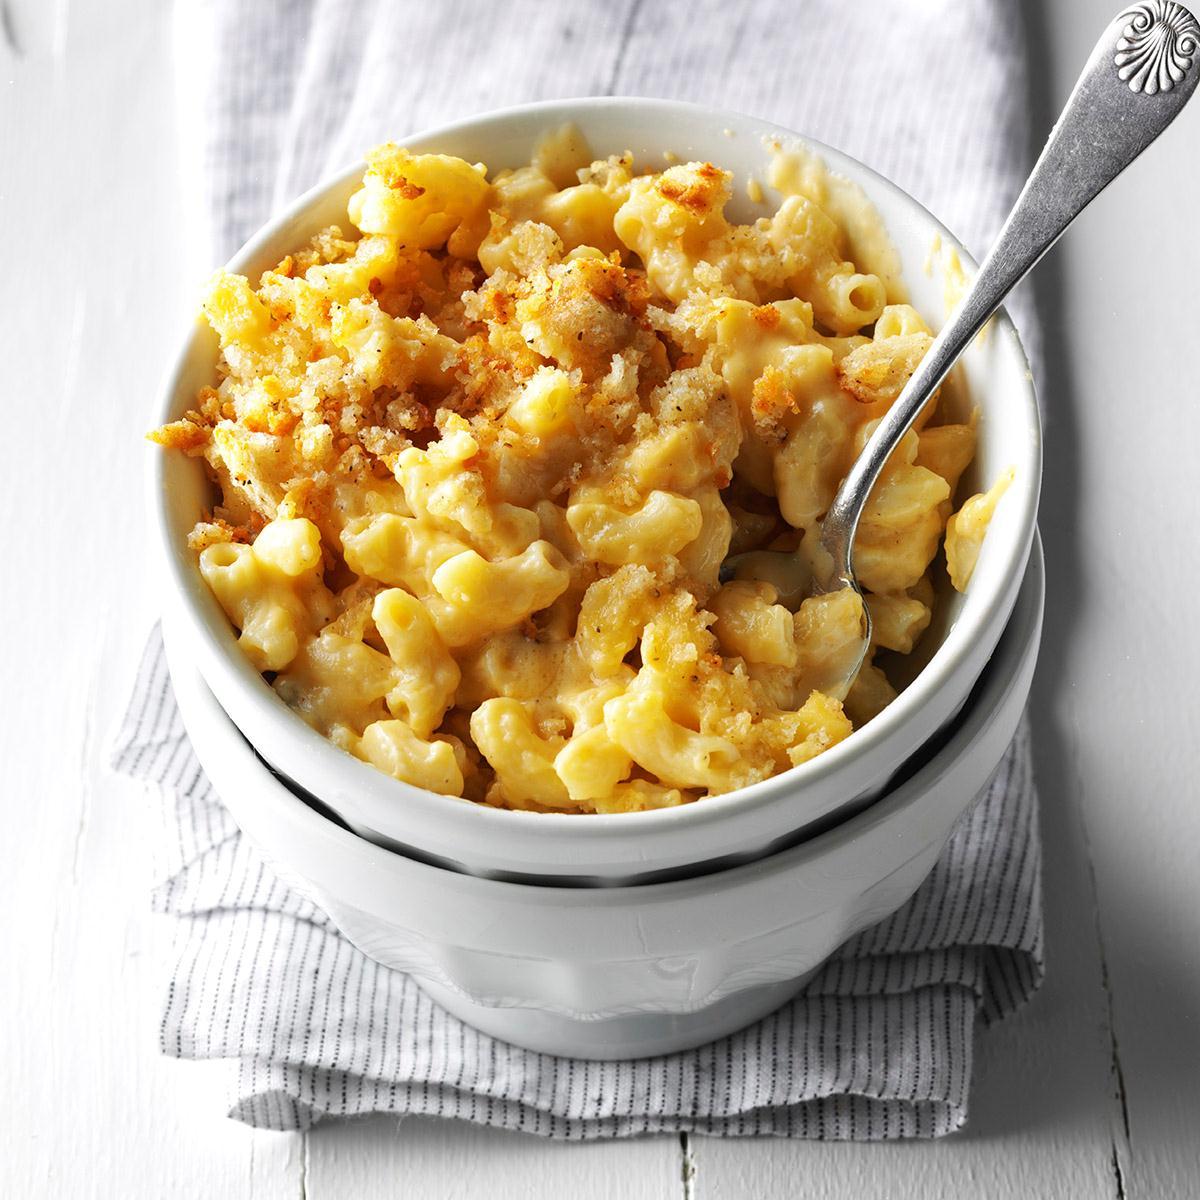 Best Mac & Cheese Recipe